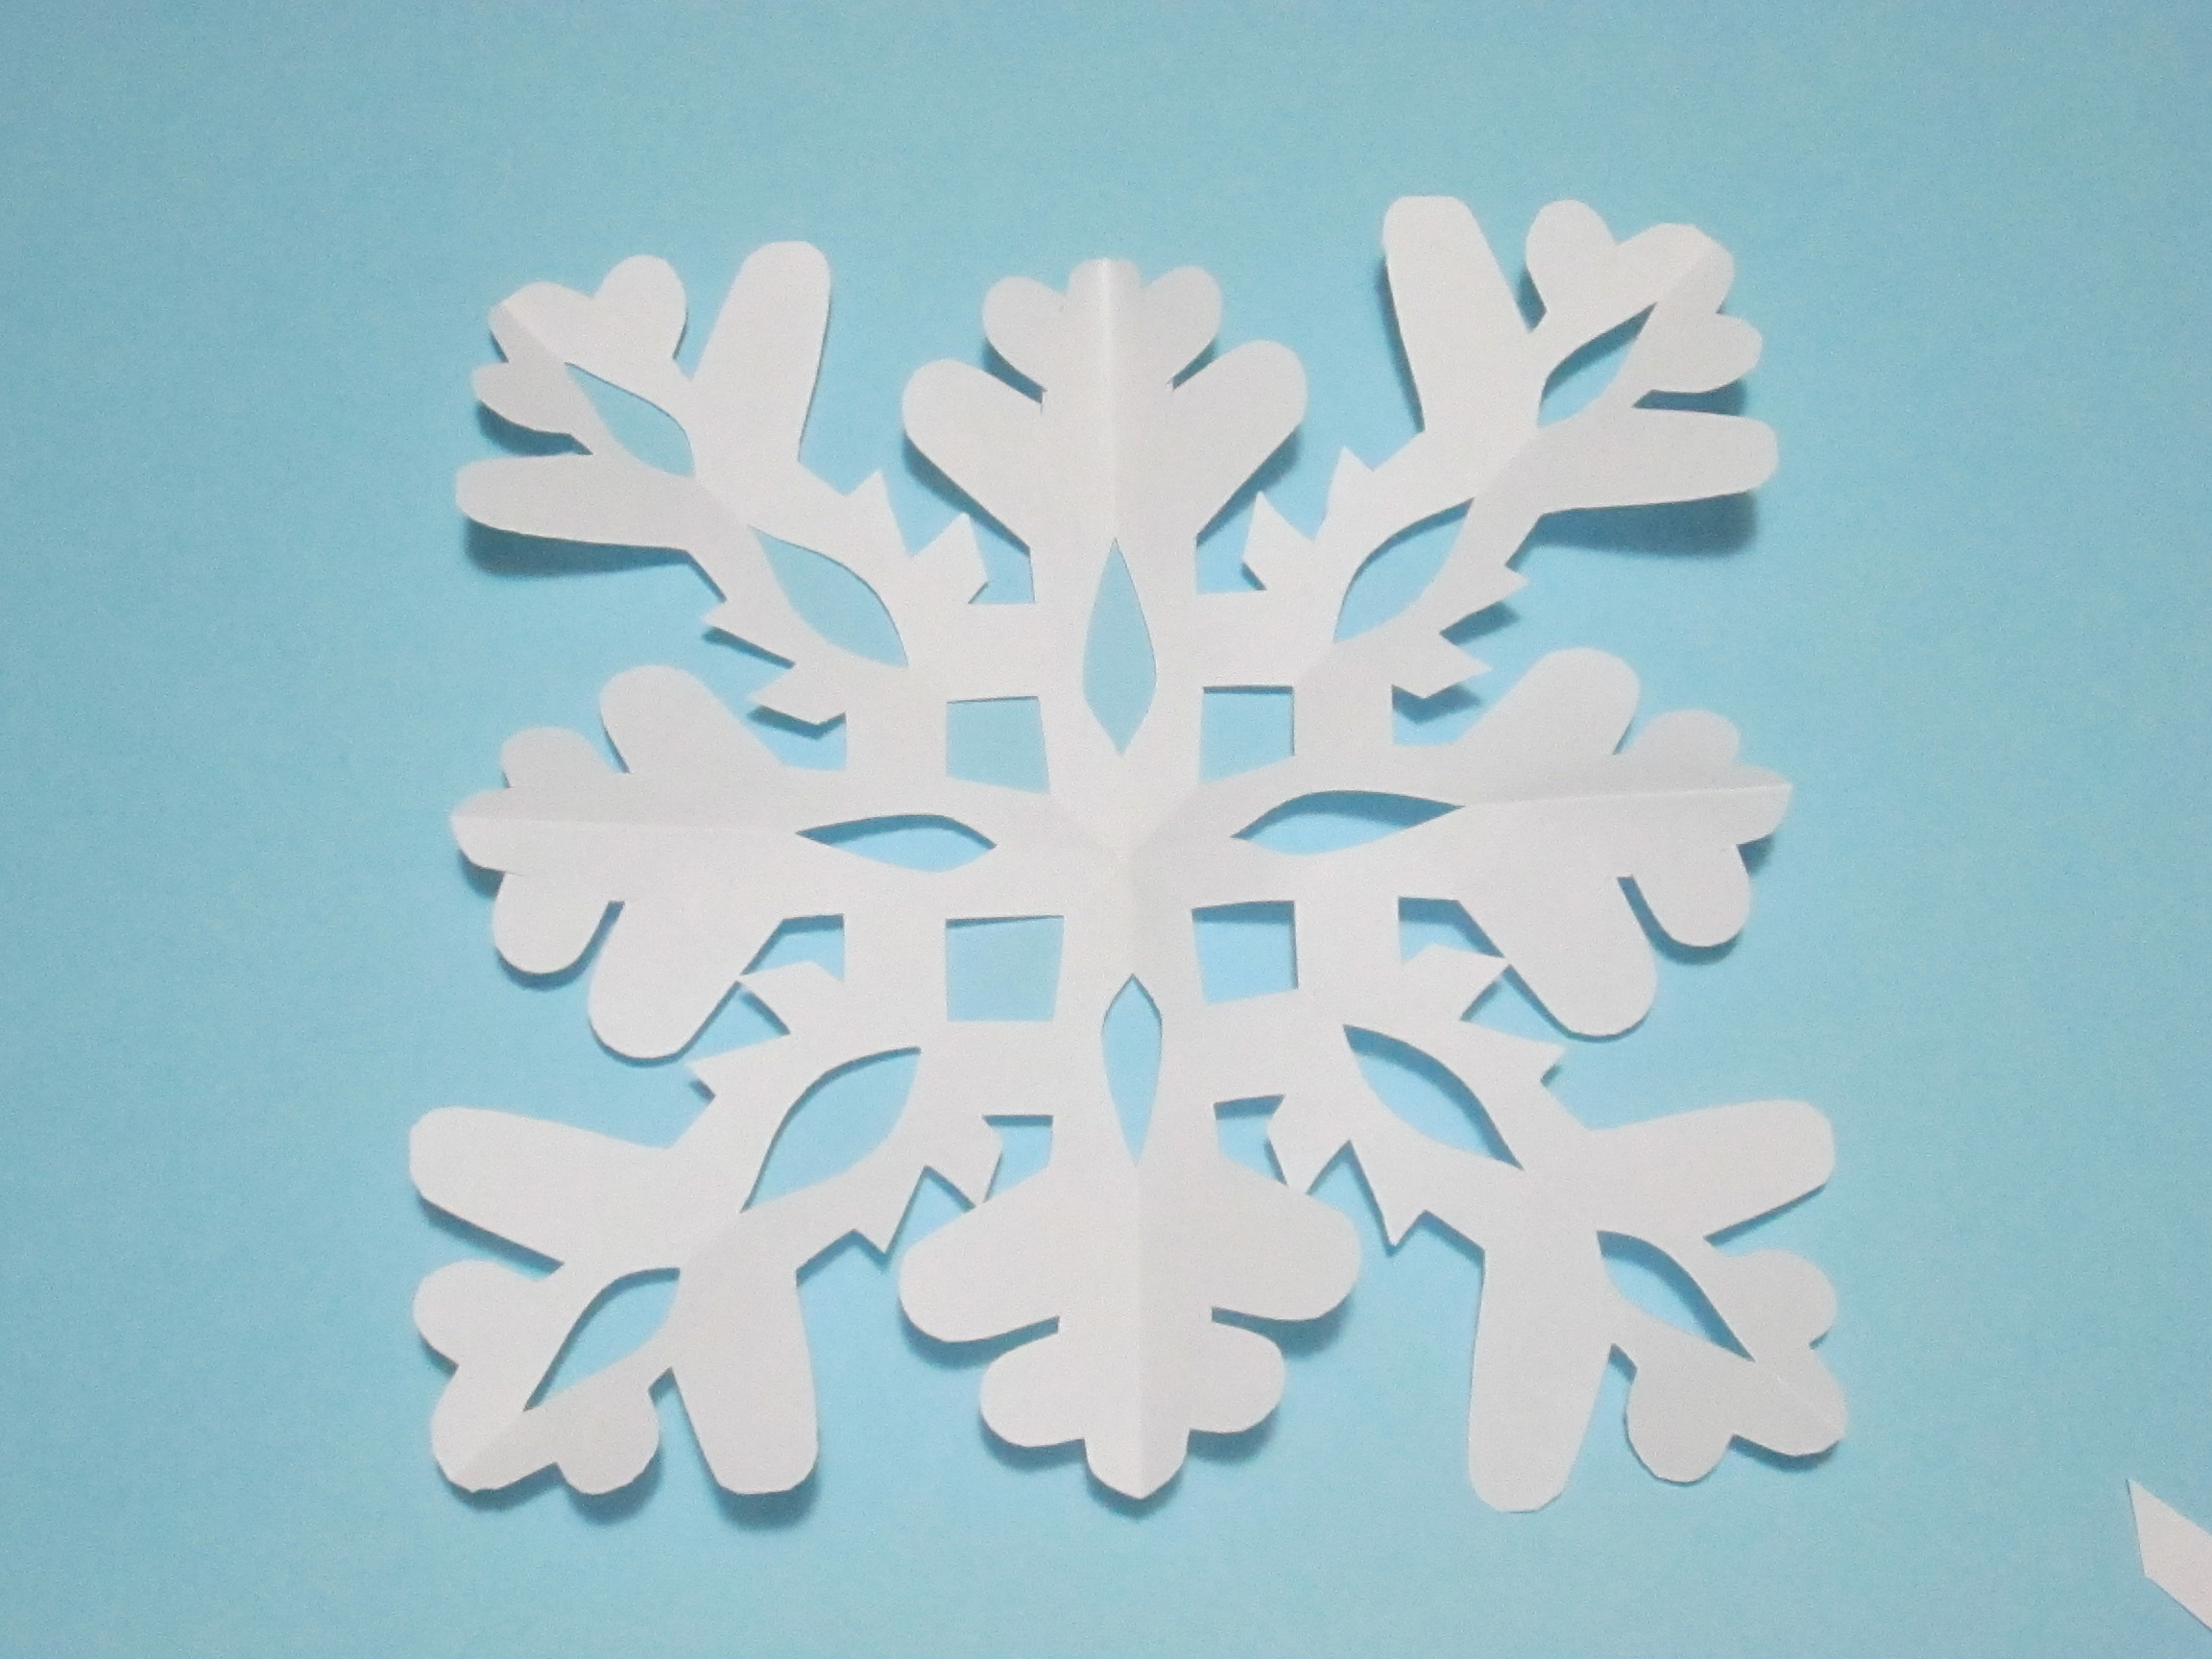 Fiocchi Di Neve Di Carta Tutorial : Come fare fiocchi di neve di carta facili: come fare un fiocco